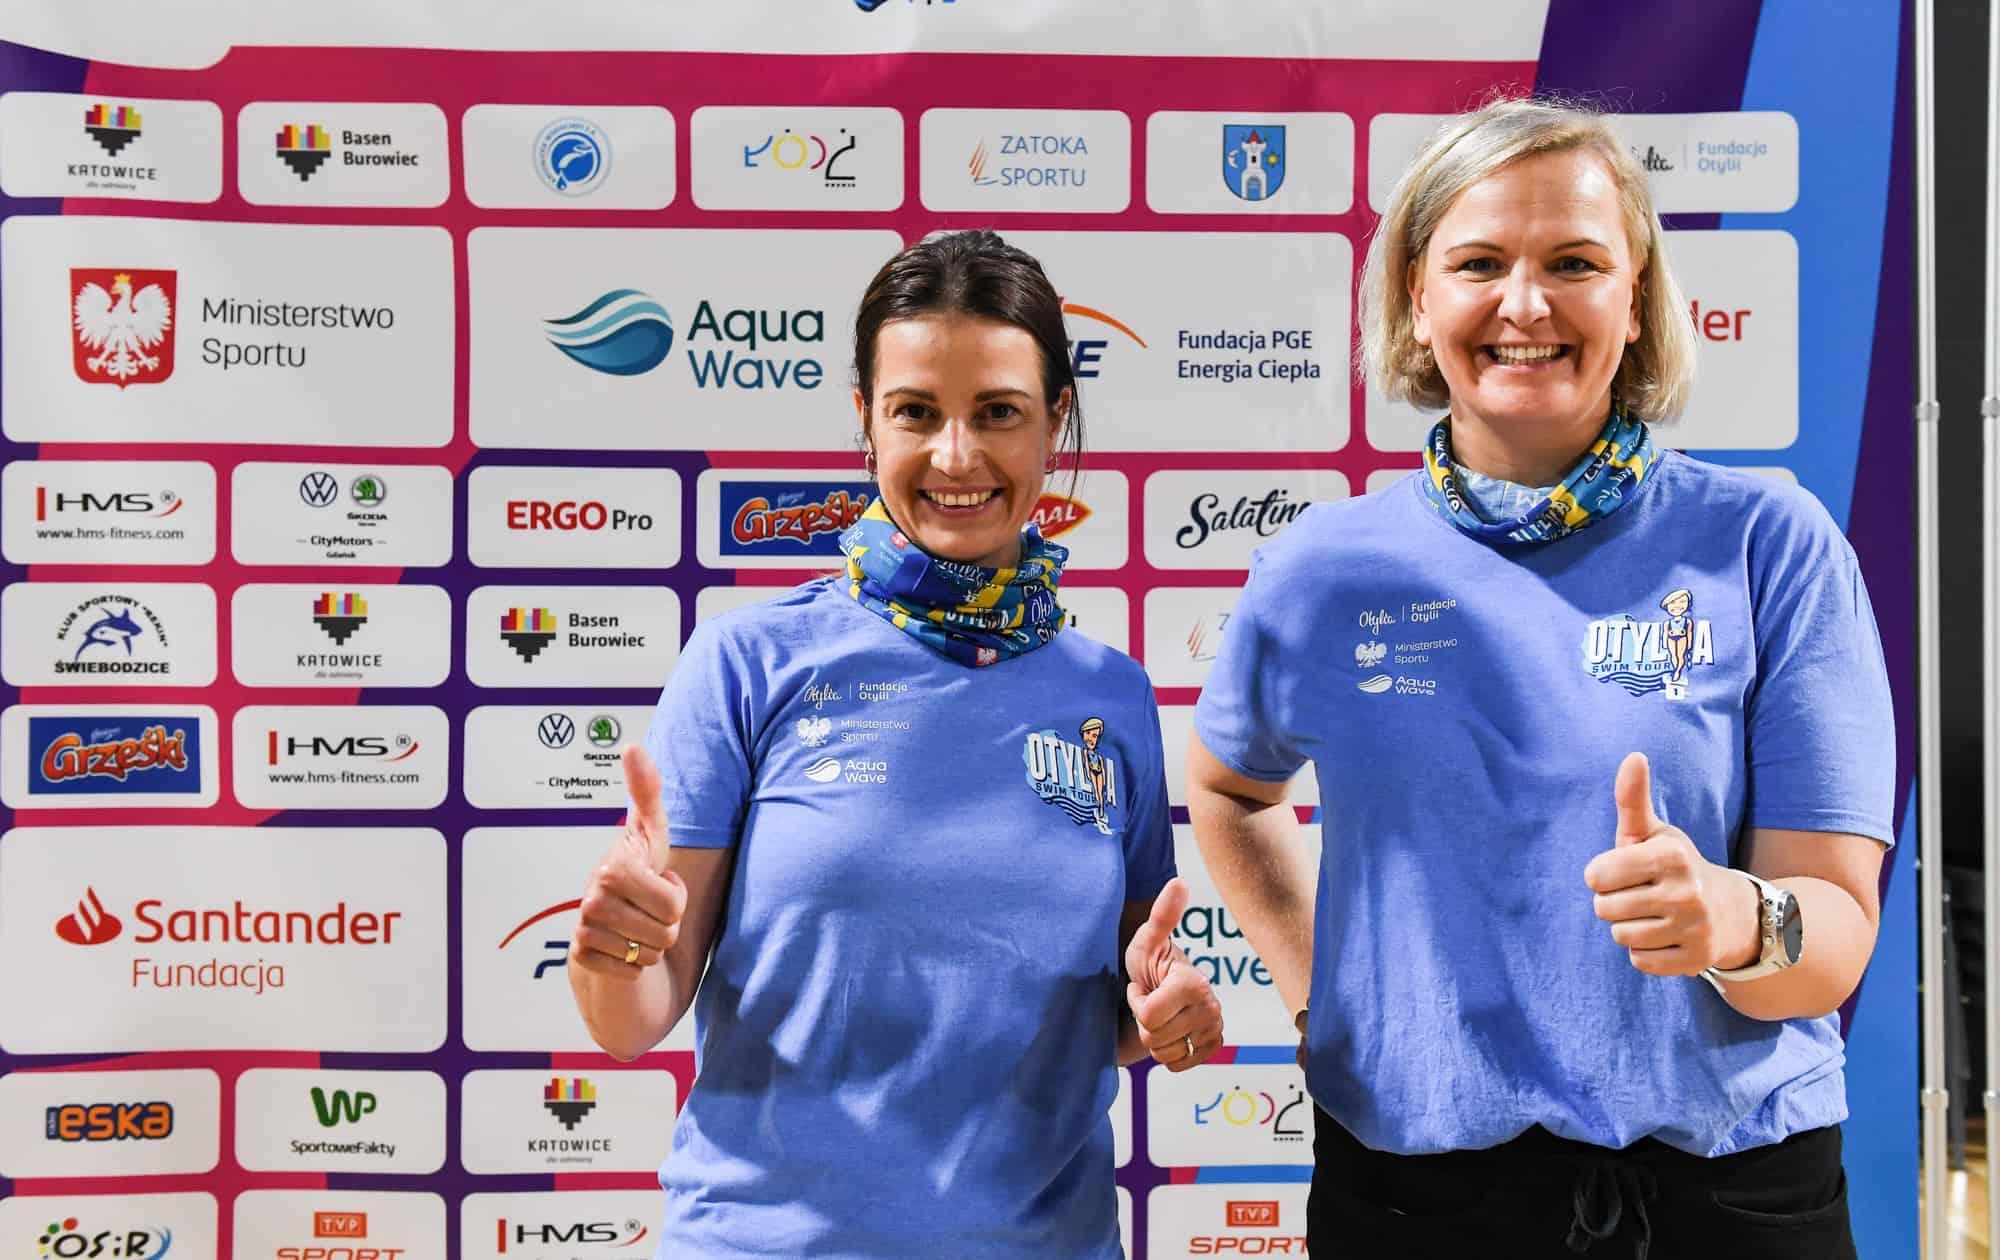 """Otylia Jędrzejczak promuje zdrowy styl życia. Startuje cykl edukacyjno-sportowy dla kobiet """"Śniadanie Mistrzyń"""""""